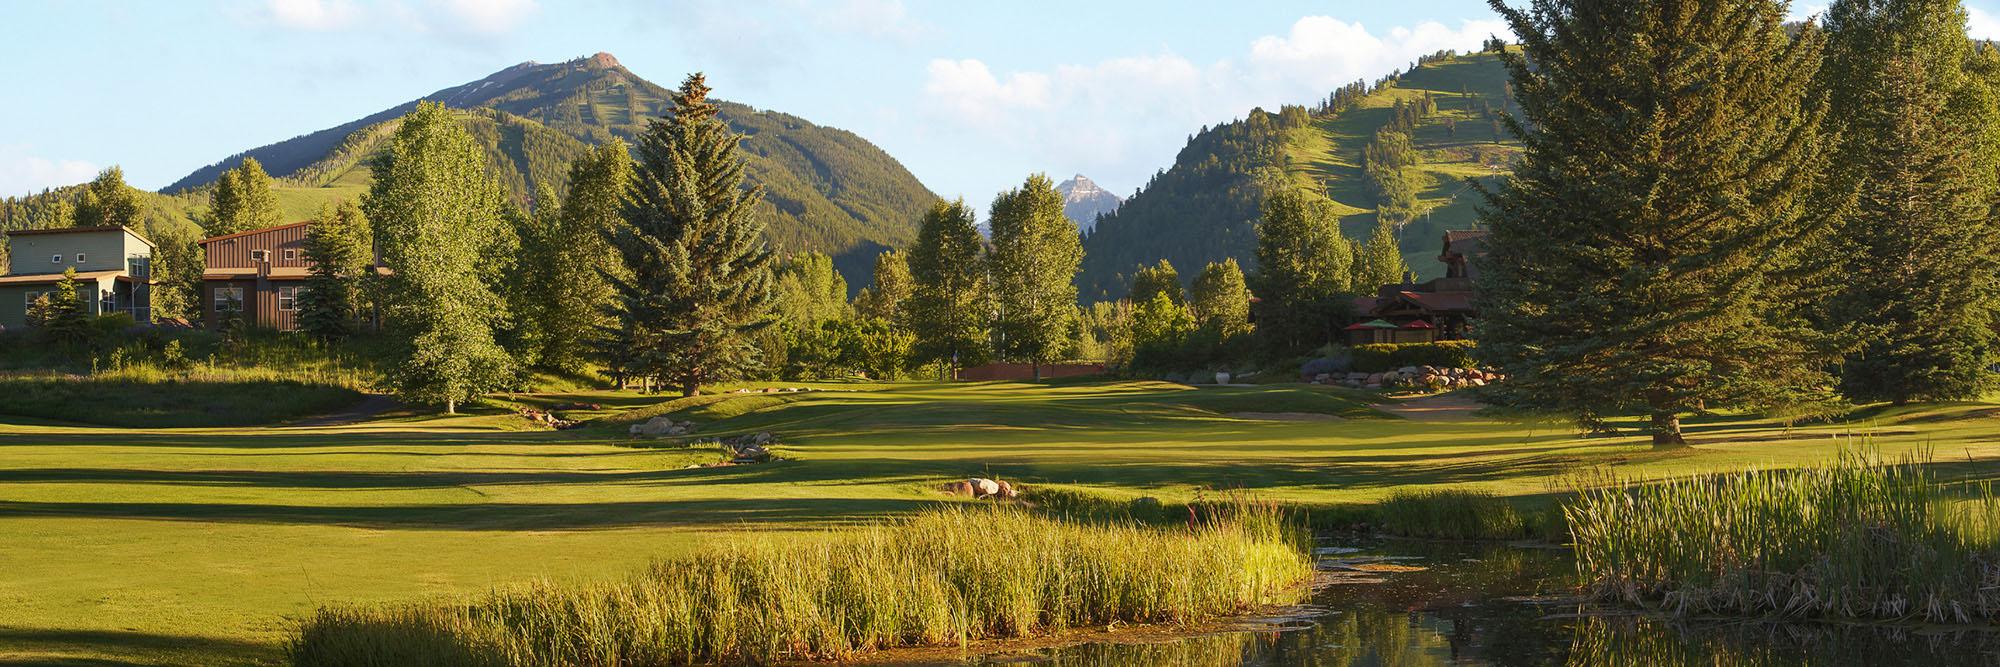 Golf Course Image - Aspen Golf Course No. 18